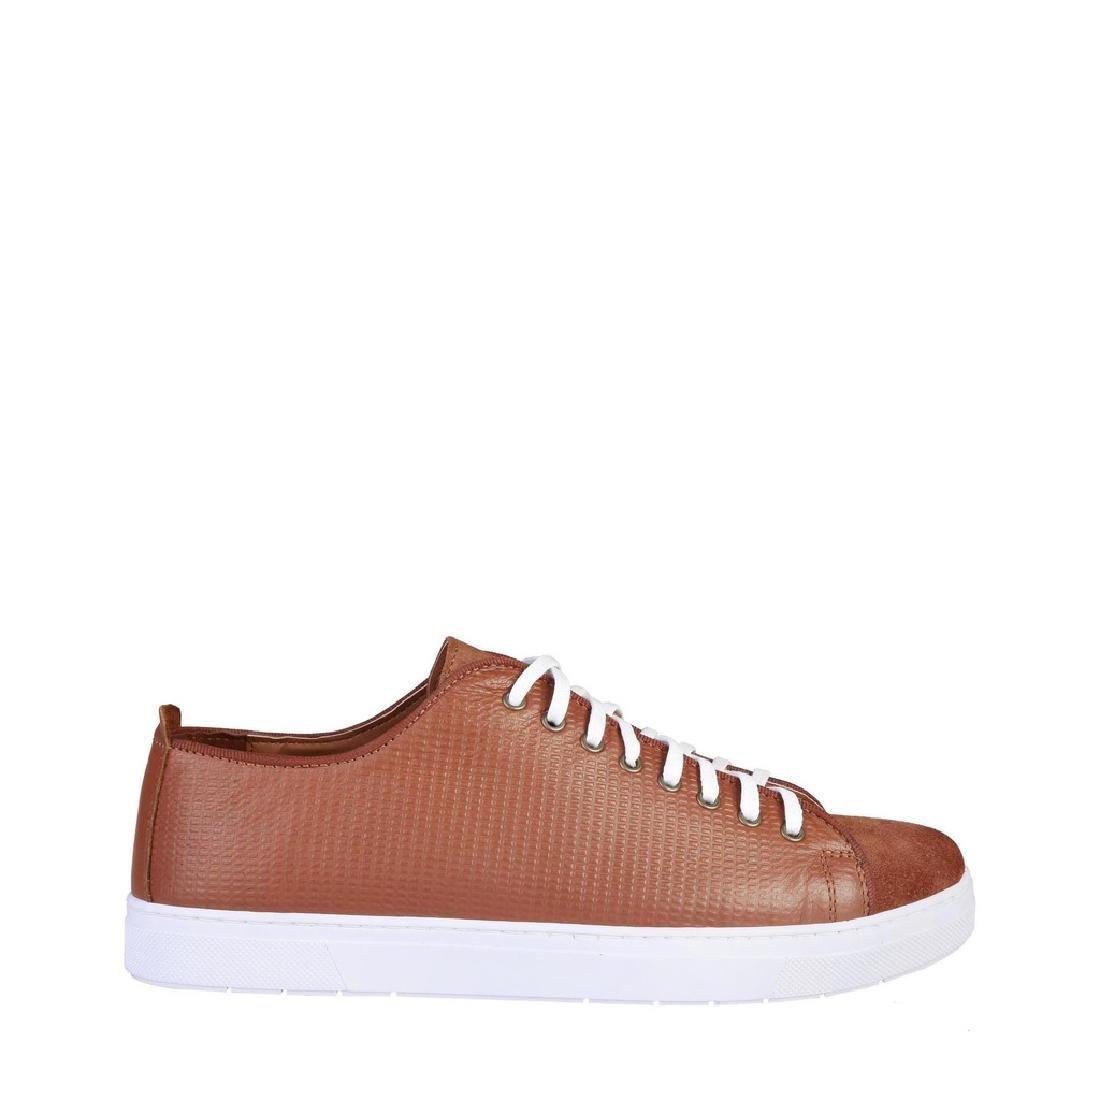 Men's Pierre Cardin Sneakers Shoes US 12 - 2